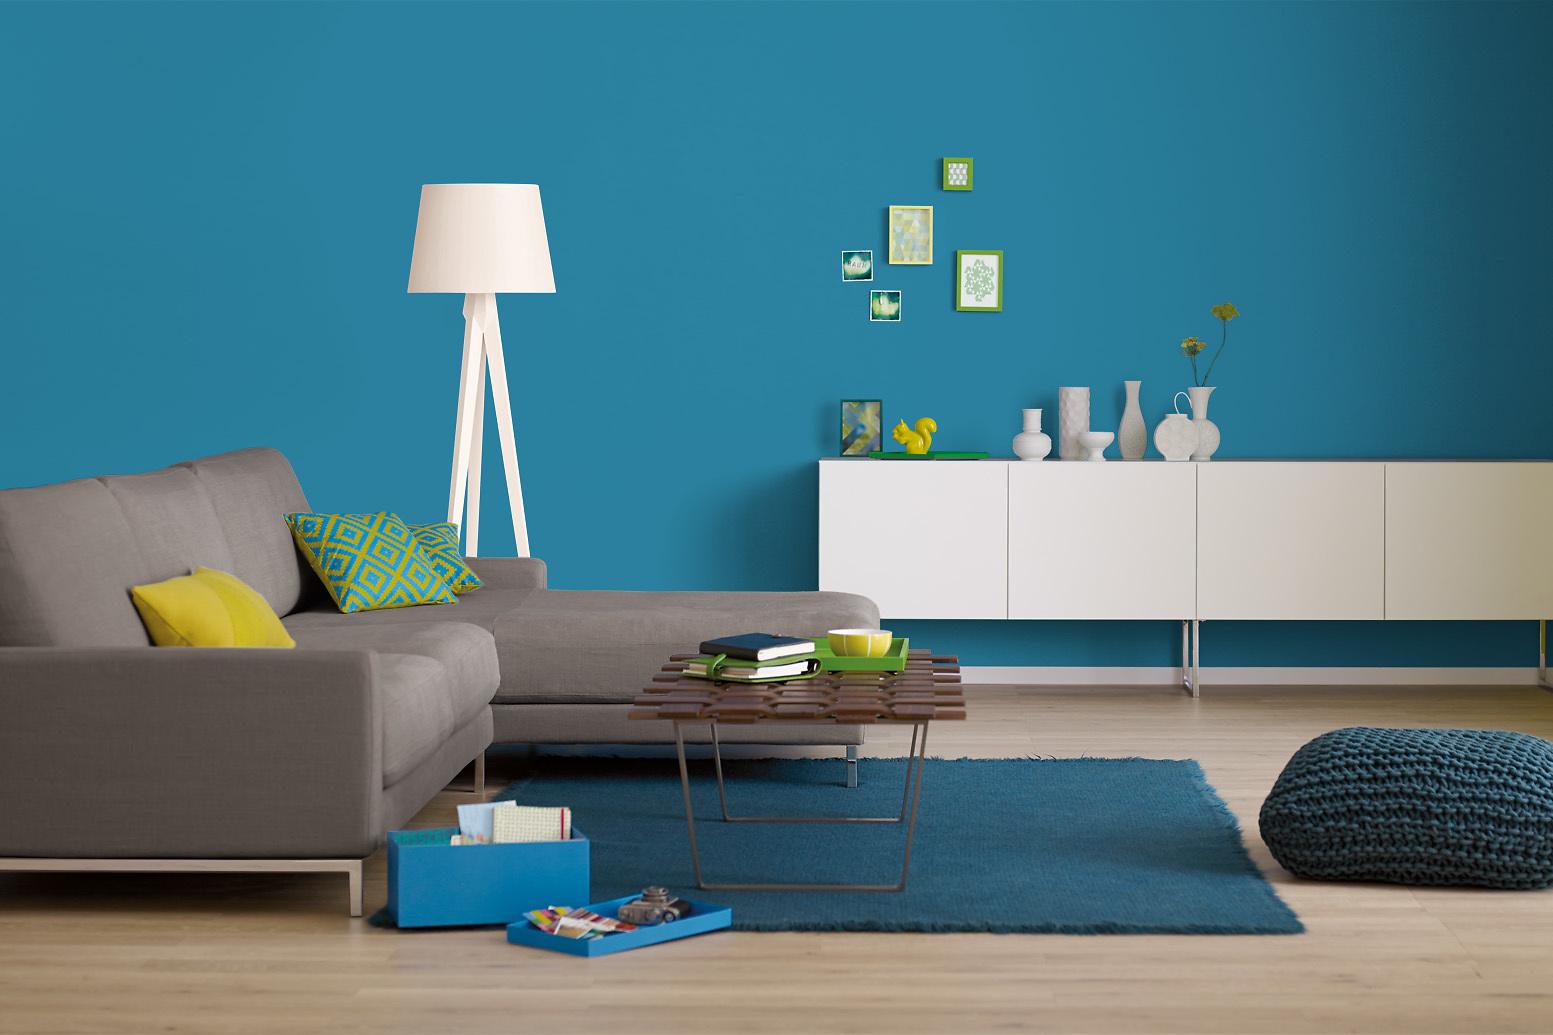 Schon Innenfarbe In Blau, Azurblau Streichen: Alpina Farbrezepte Weiter Horizont    Alpina Farben